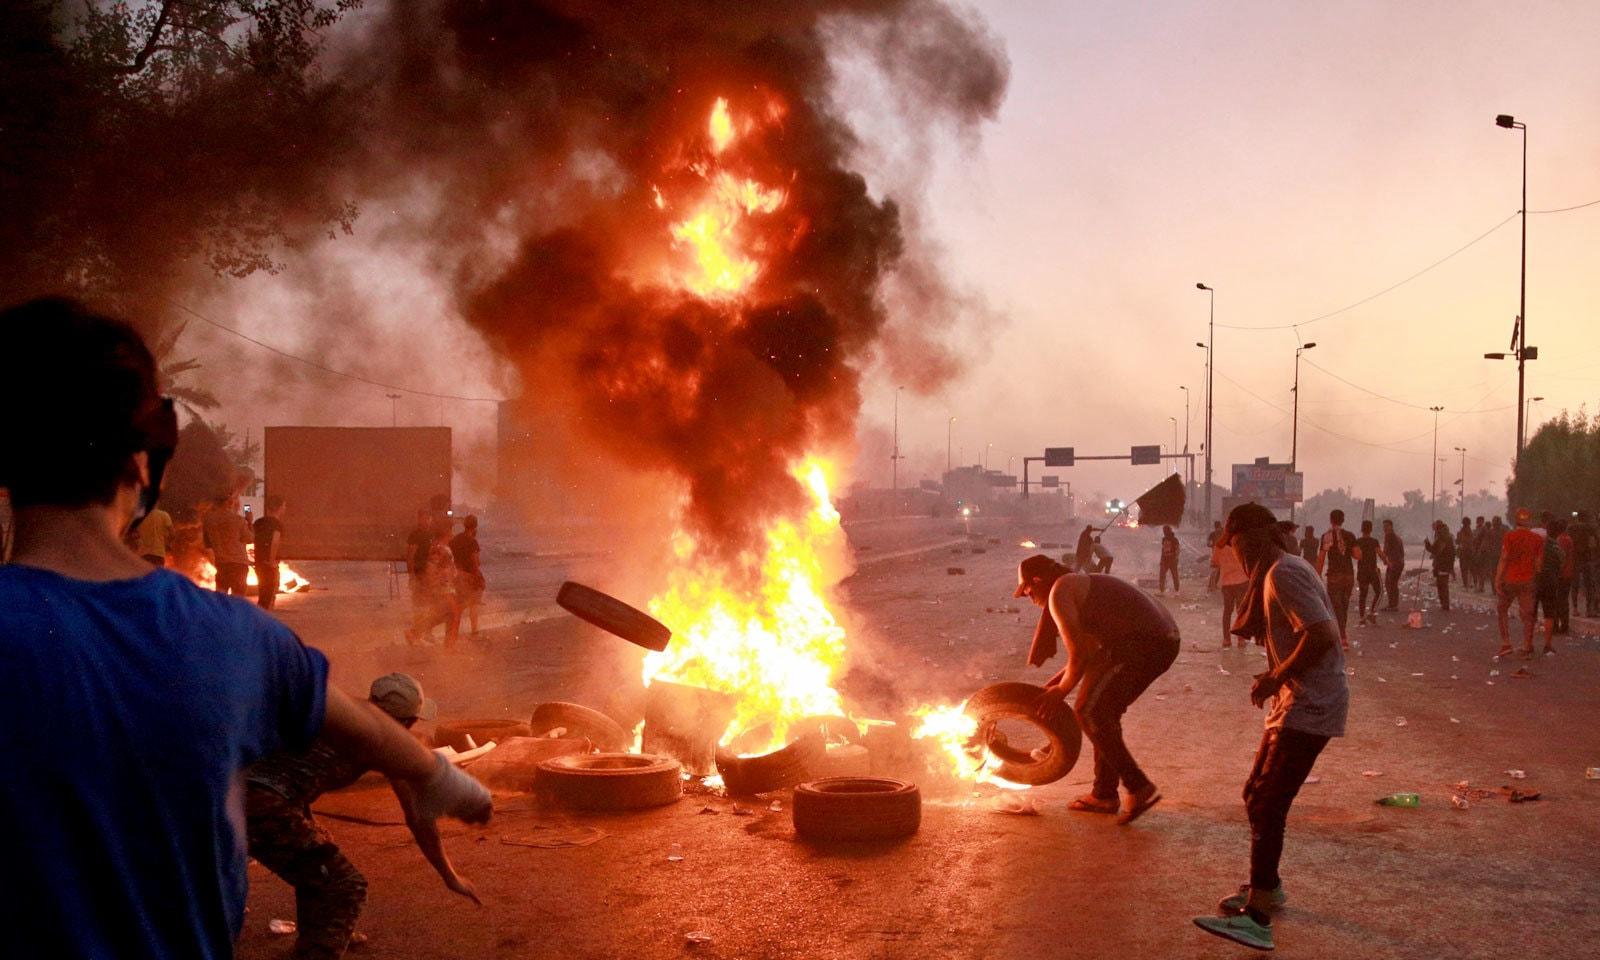 مظاہرین کی جانب سے جلاؤ گھیراؤ کا سلسلہ بھی جاری ہے — فوٹو: اے پی